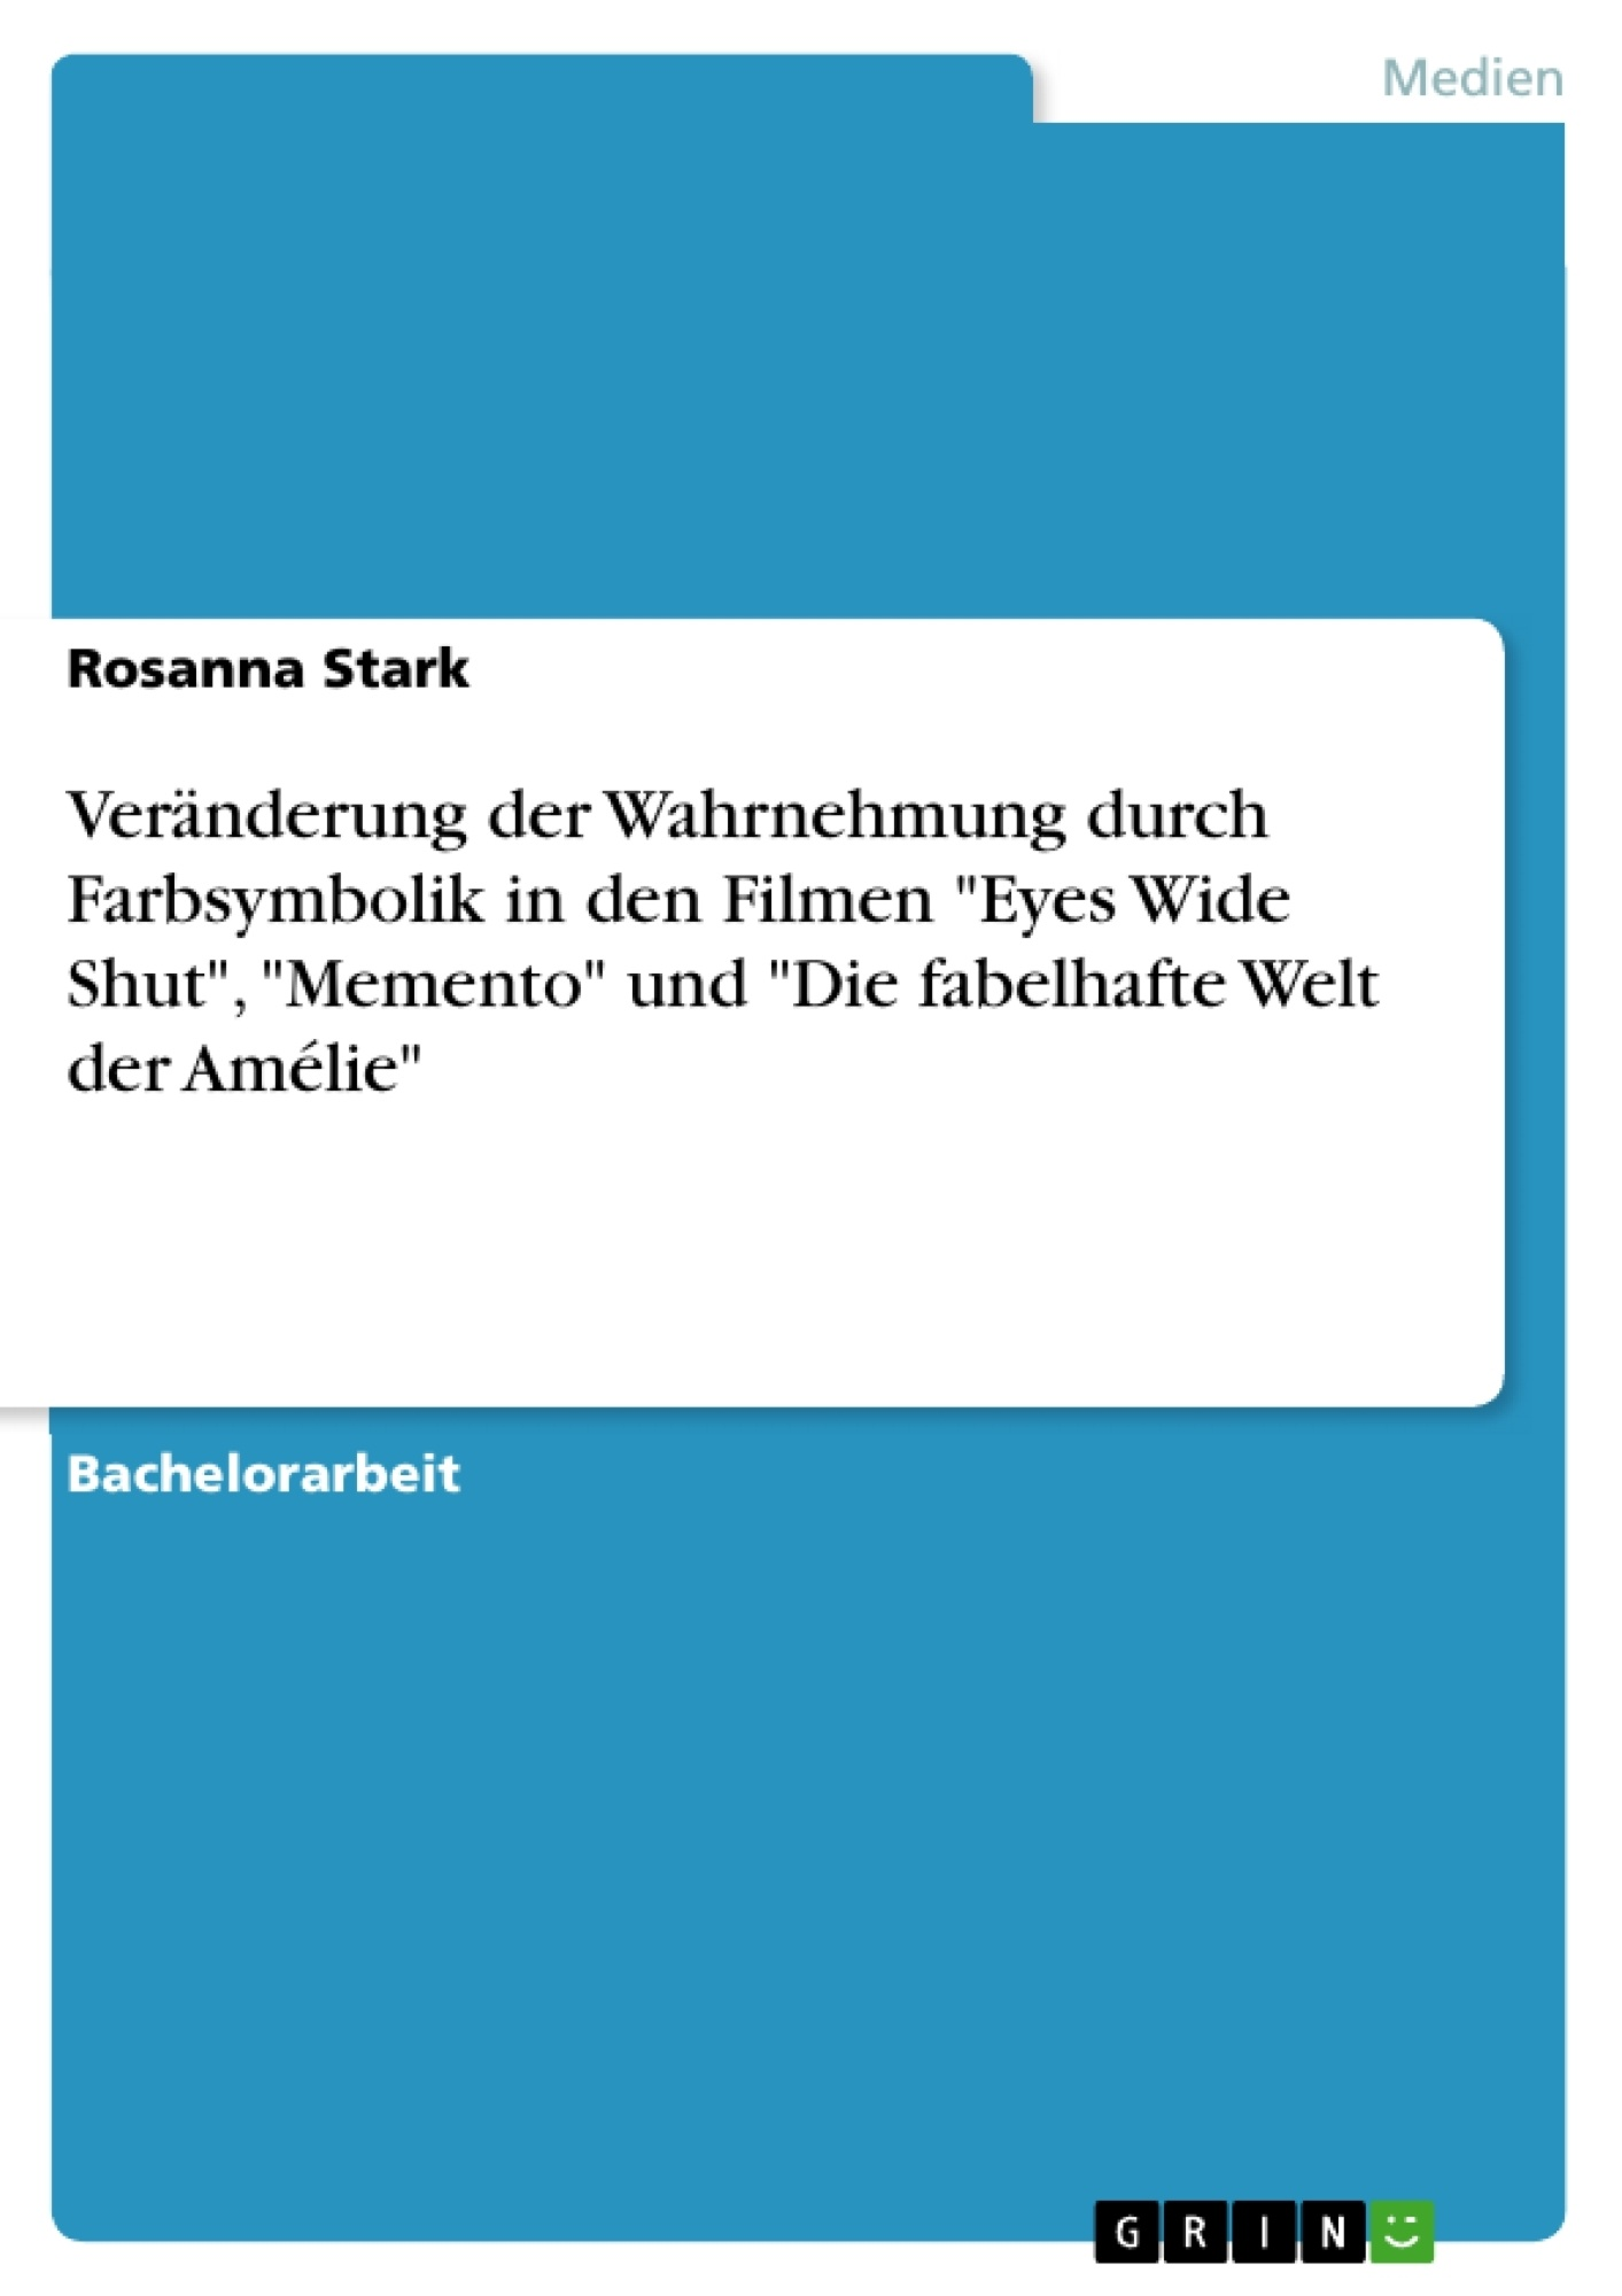 """Titel: Veränderung der Wahrnehmung durch Farbsymbolik in den Filmen """"Eyes Wide Shut"""", """"Memento"""" und """"Die fabelhafte Welt der Amélie"""""""